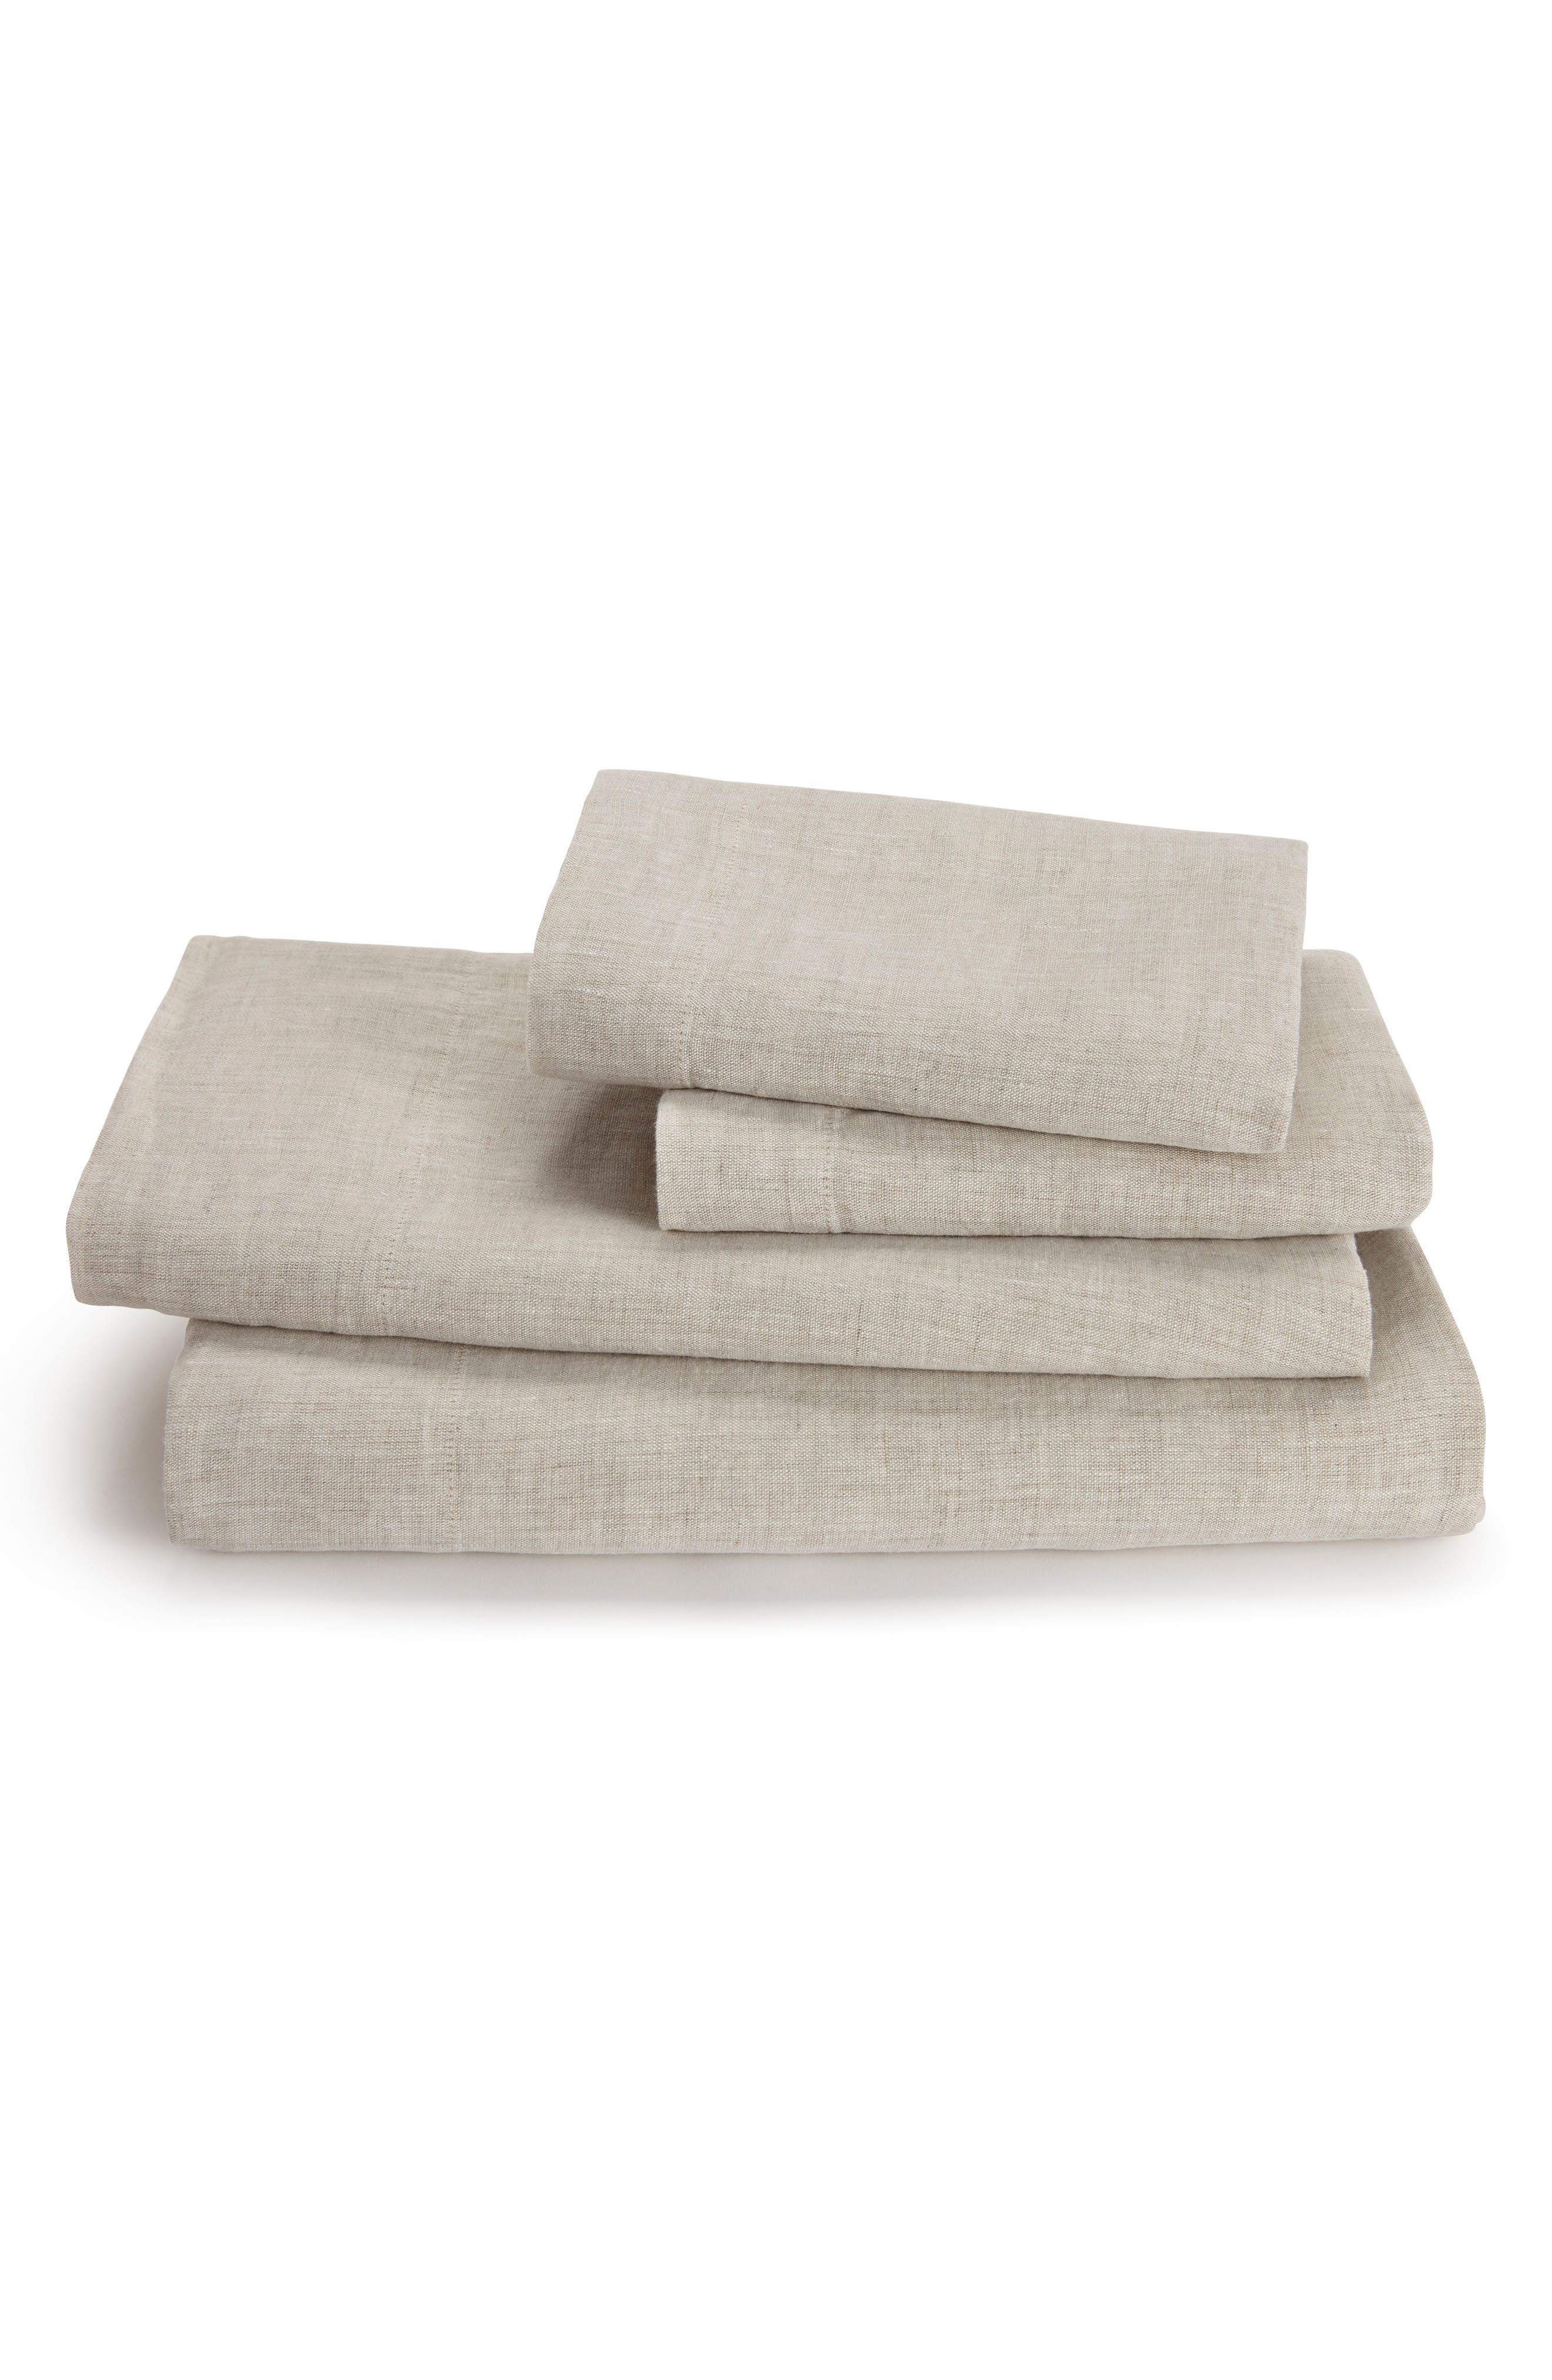 KASSATEX Lino Linen 300 Thread Count Flat Sheet